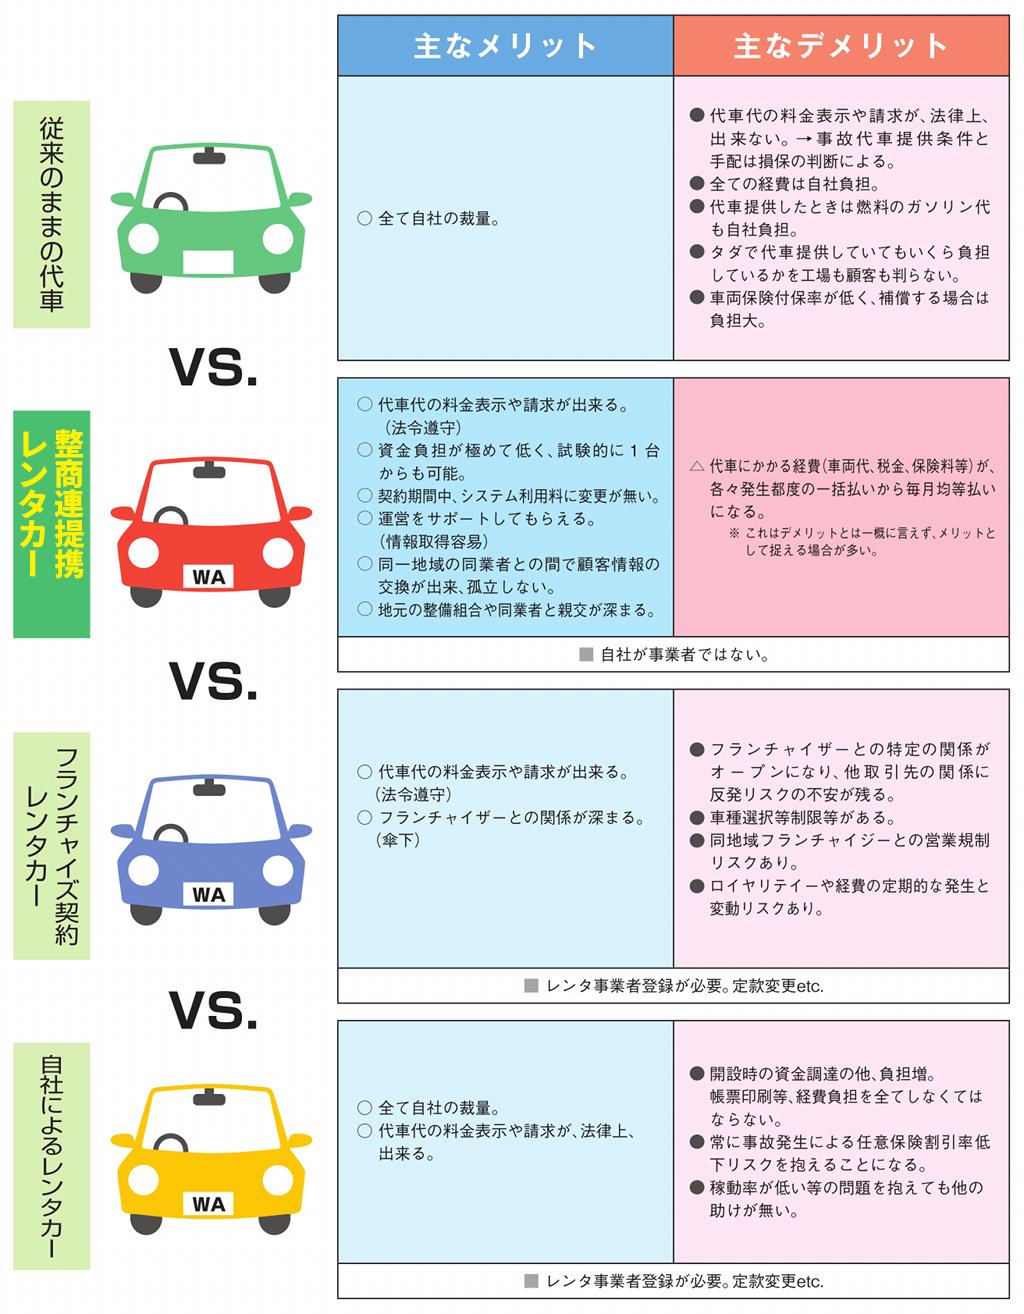 代車をレンタカーにする方法の比較